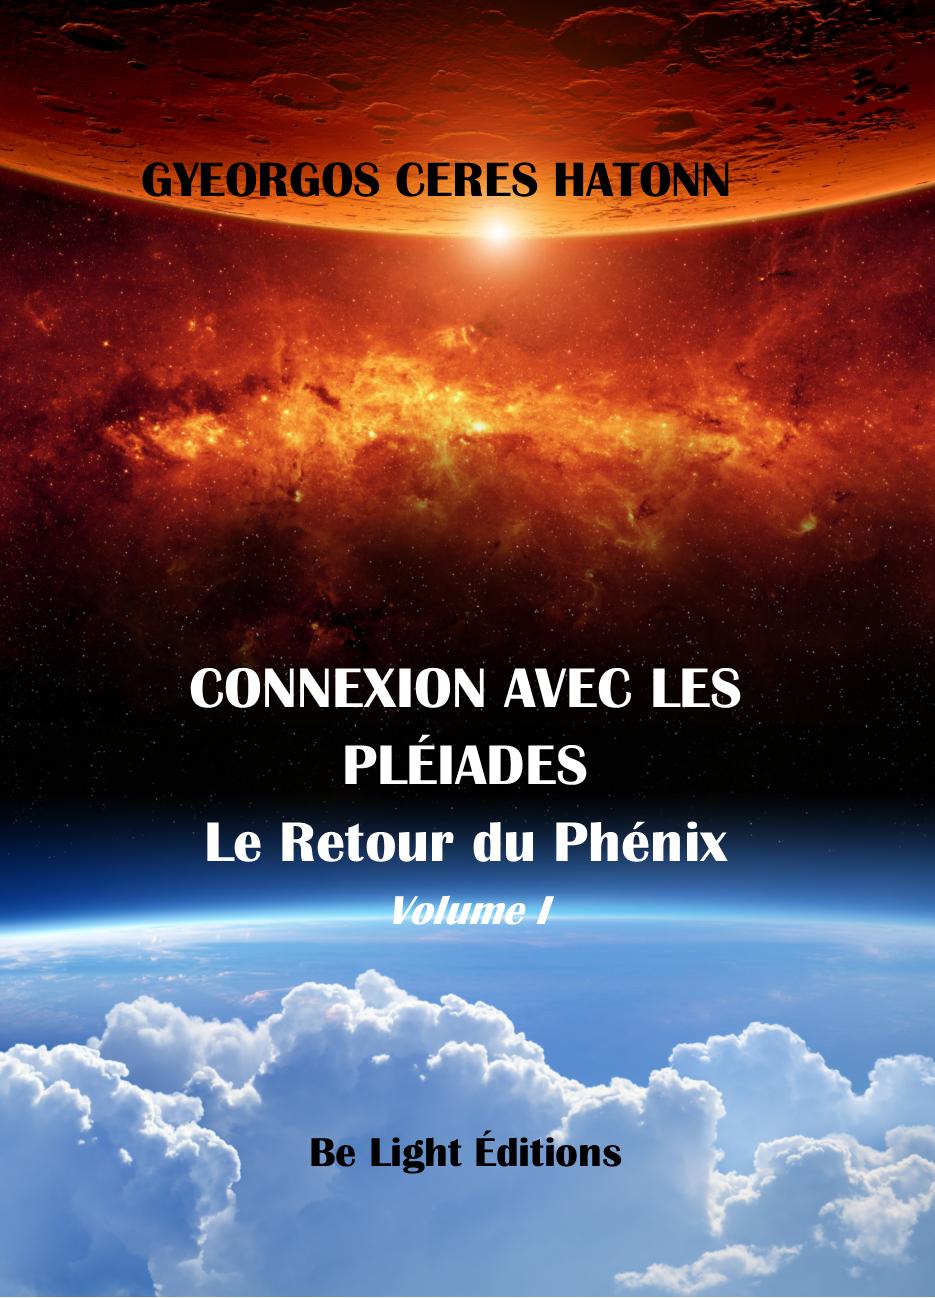 Connexion avec les Pléaides - Le Retour du Phénix